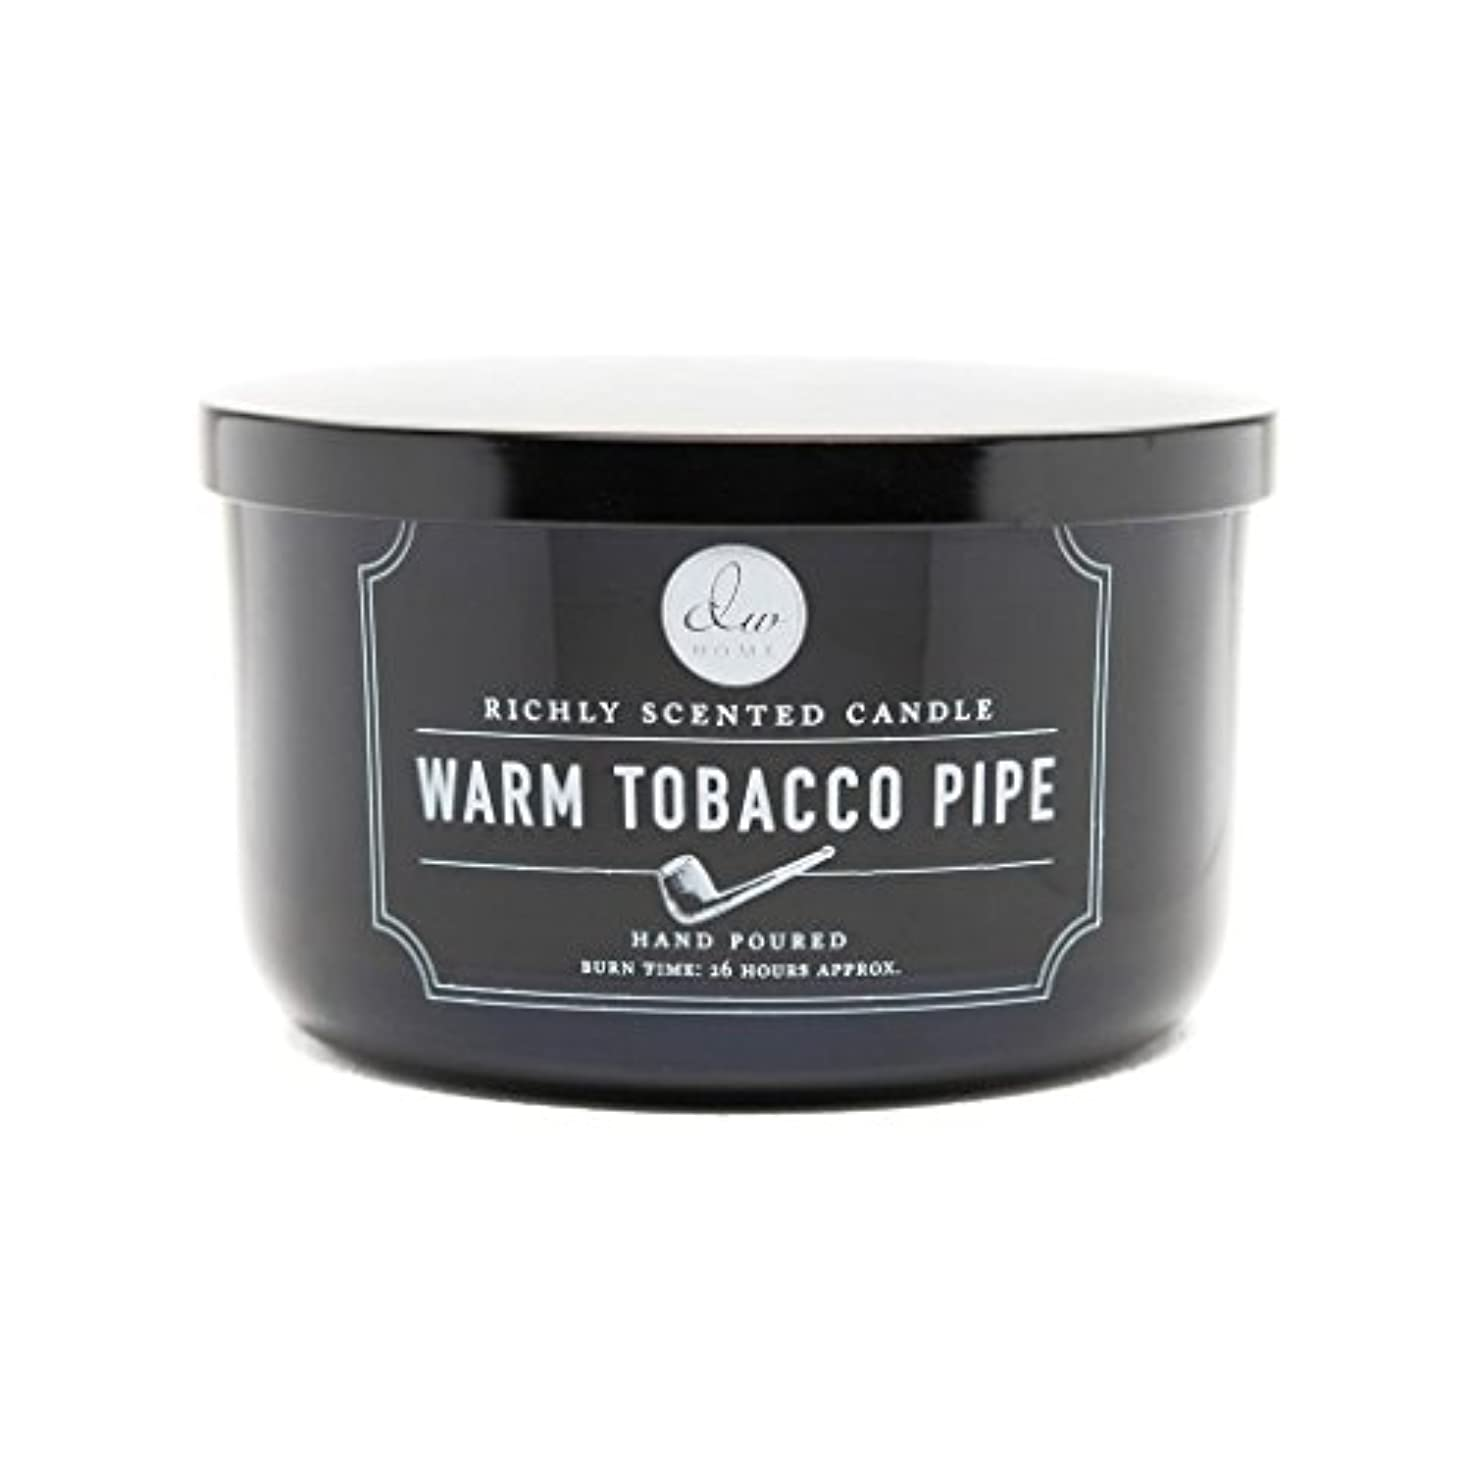 ガイド符号王朝Decoware Richly Scented Warm Tobacco Pipe 3-Wick Candle 13.8 Oz. In Glass by Decoware